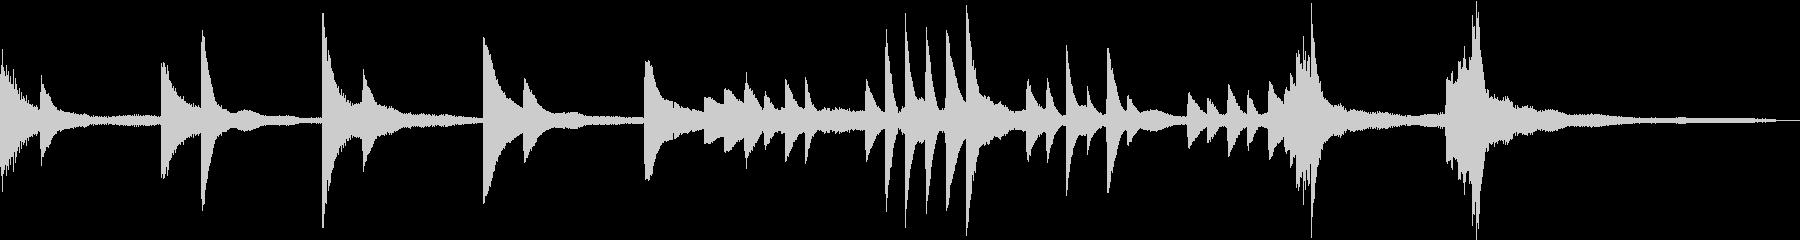 静寂と厳かを表現した和風ピアノジングルの未再生の波形